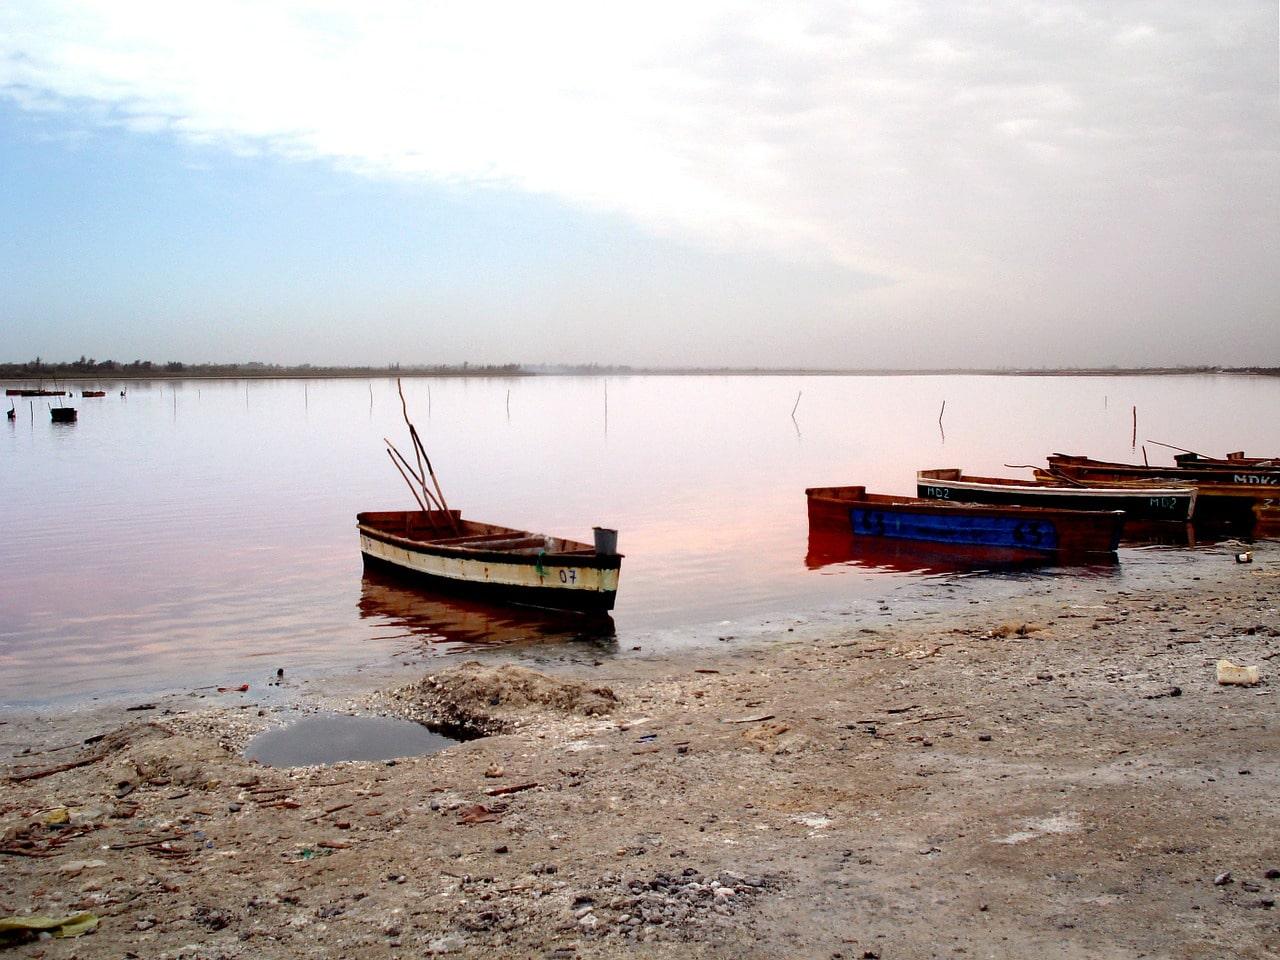 Vacances au Sénégal : 1 semaine à partir de 519€ par personne (vols A/R + hébergement)